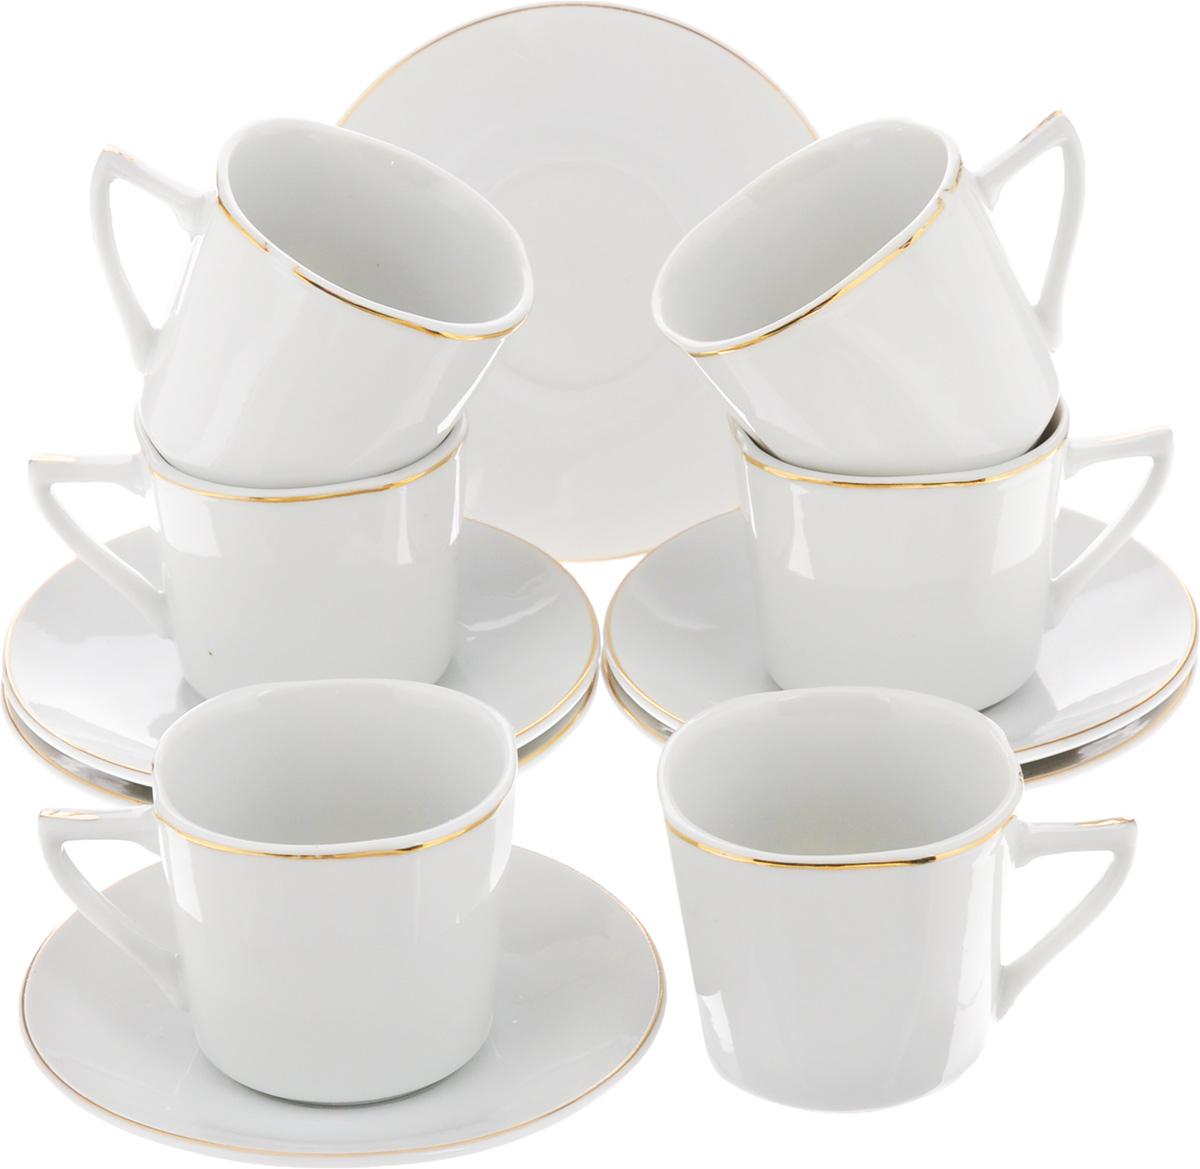 Набор кофейный Loraine, 12 предметов. 2560825608Кофейный набор Loraine состоит из 6 чашек и 6 блюдец. Изделия выполнены извысококачественного фарфора и оформлены золотистойкаймой. Такойнабор станет прекрасным украшением стола и порадует гостей изысканнымдизайном и утонченностью.Набор упакован в подарочную коробку, задрапированную внутри белойатласной тканью.Объем чашки: 90 мл.Диаметр чашки (по верхнему краю): 6 см.Высота чашки: 5,5 см.Диаметр блюдца (по верхнему краю): 10,5 см.Высота блюдца: 2 см.